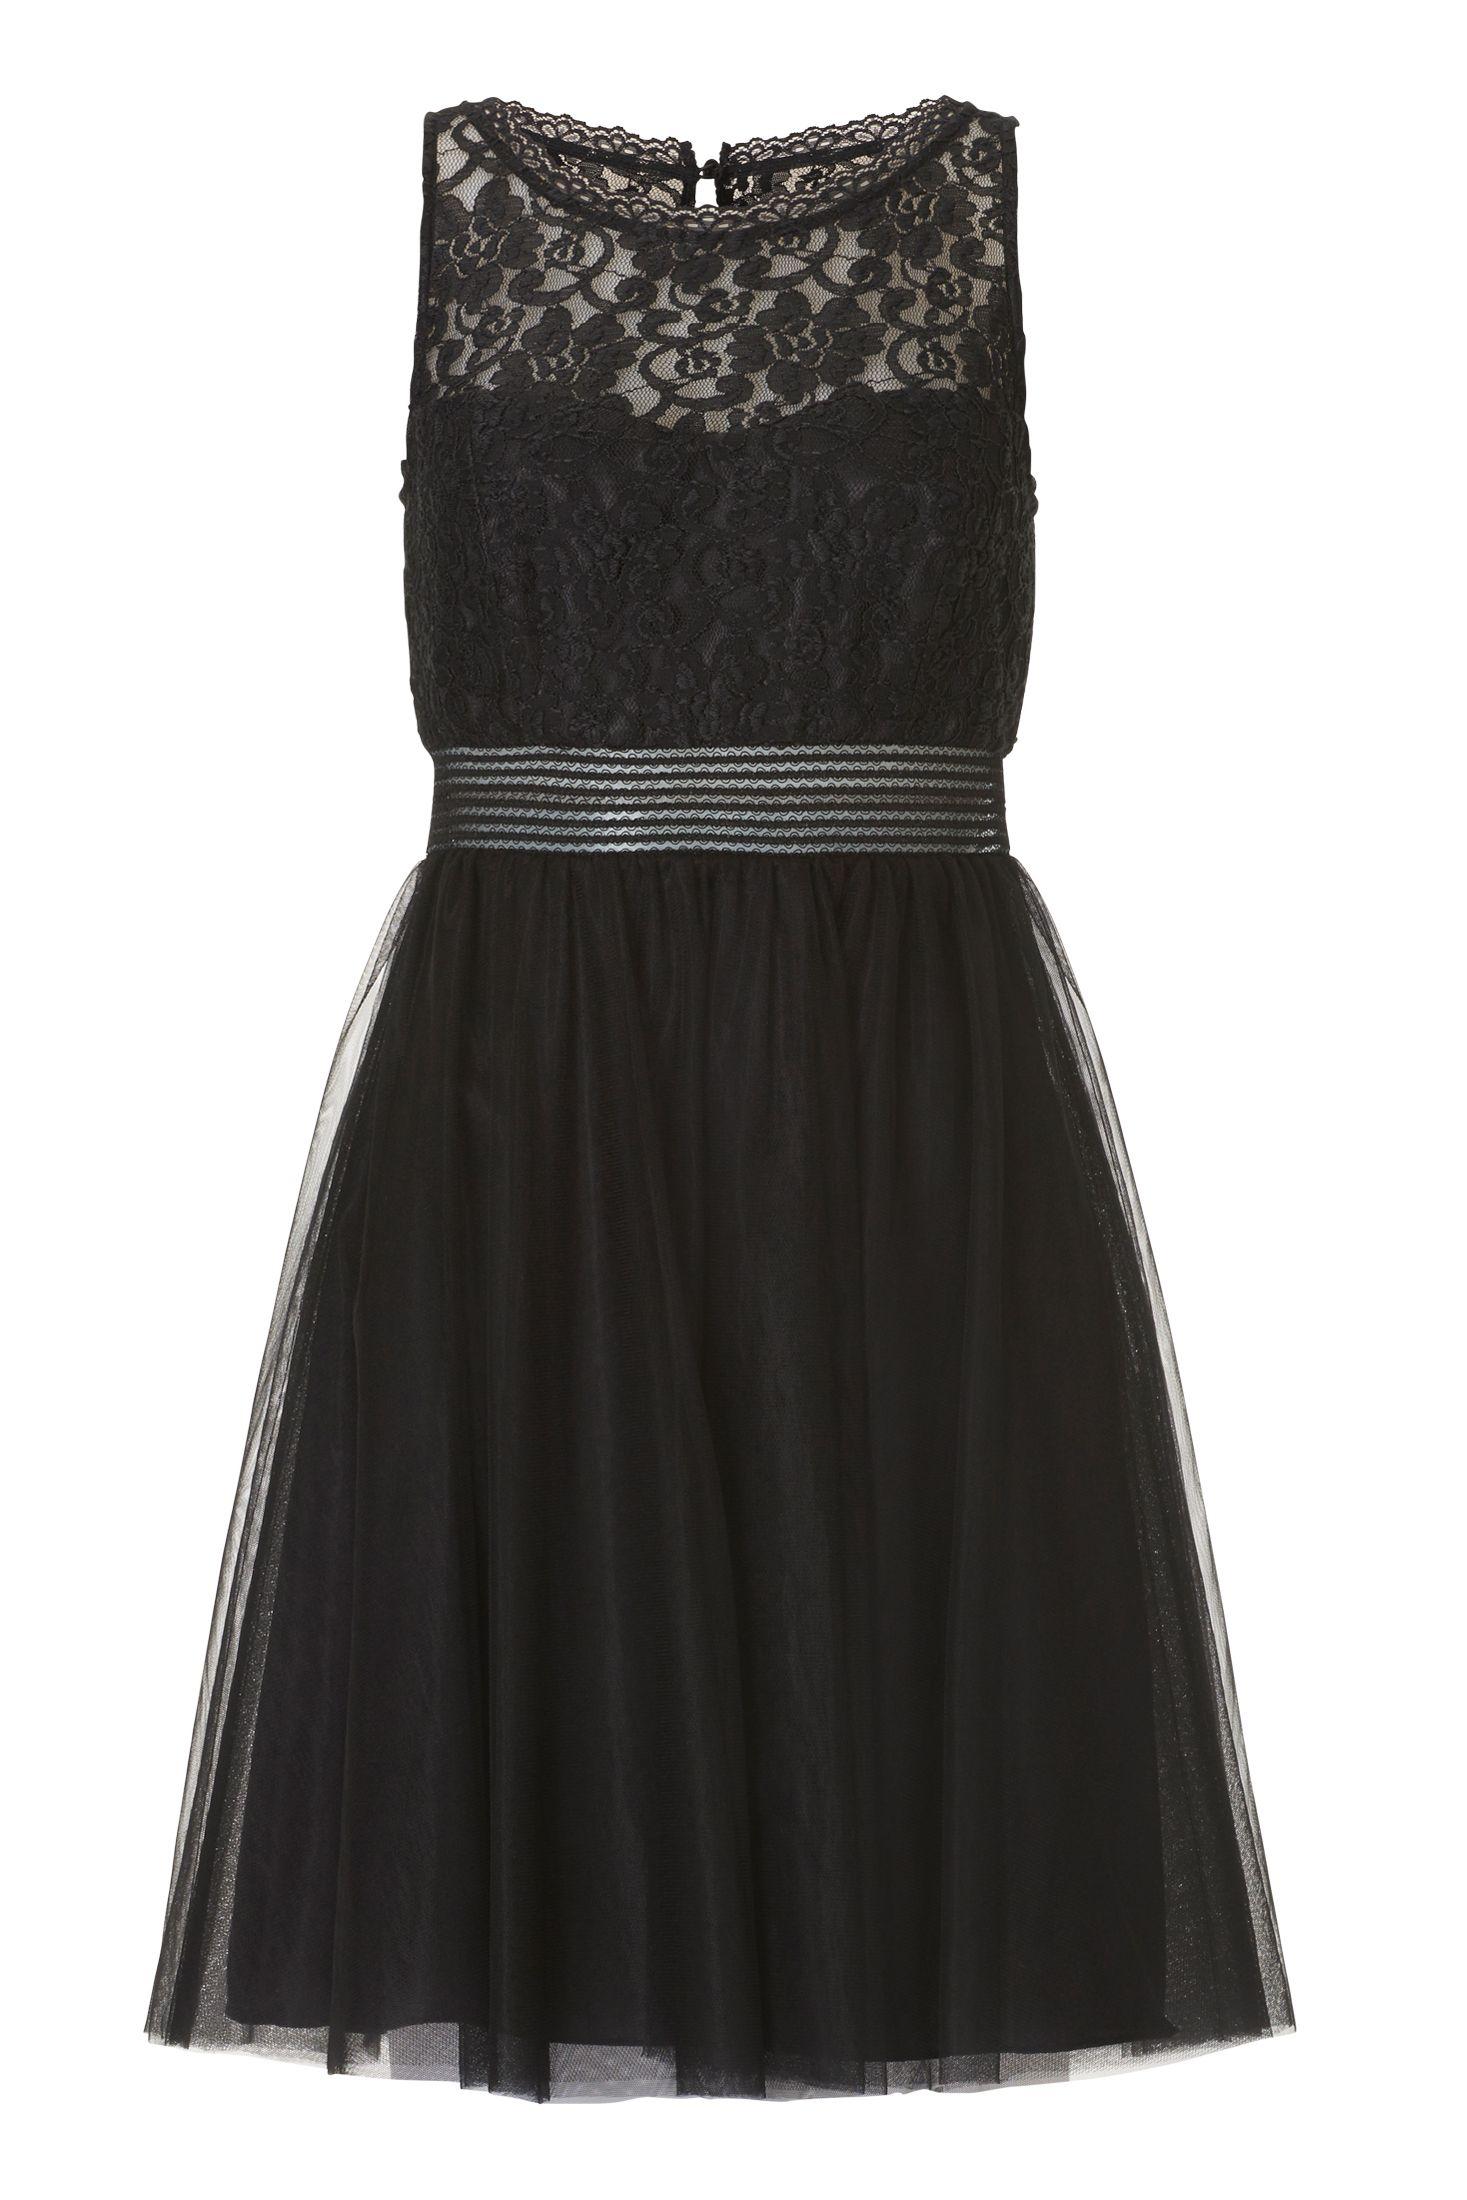 kurzes kleid mit transparenter taille schwarz vera mont